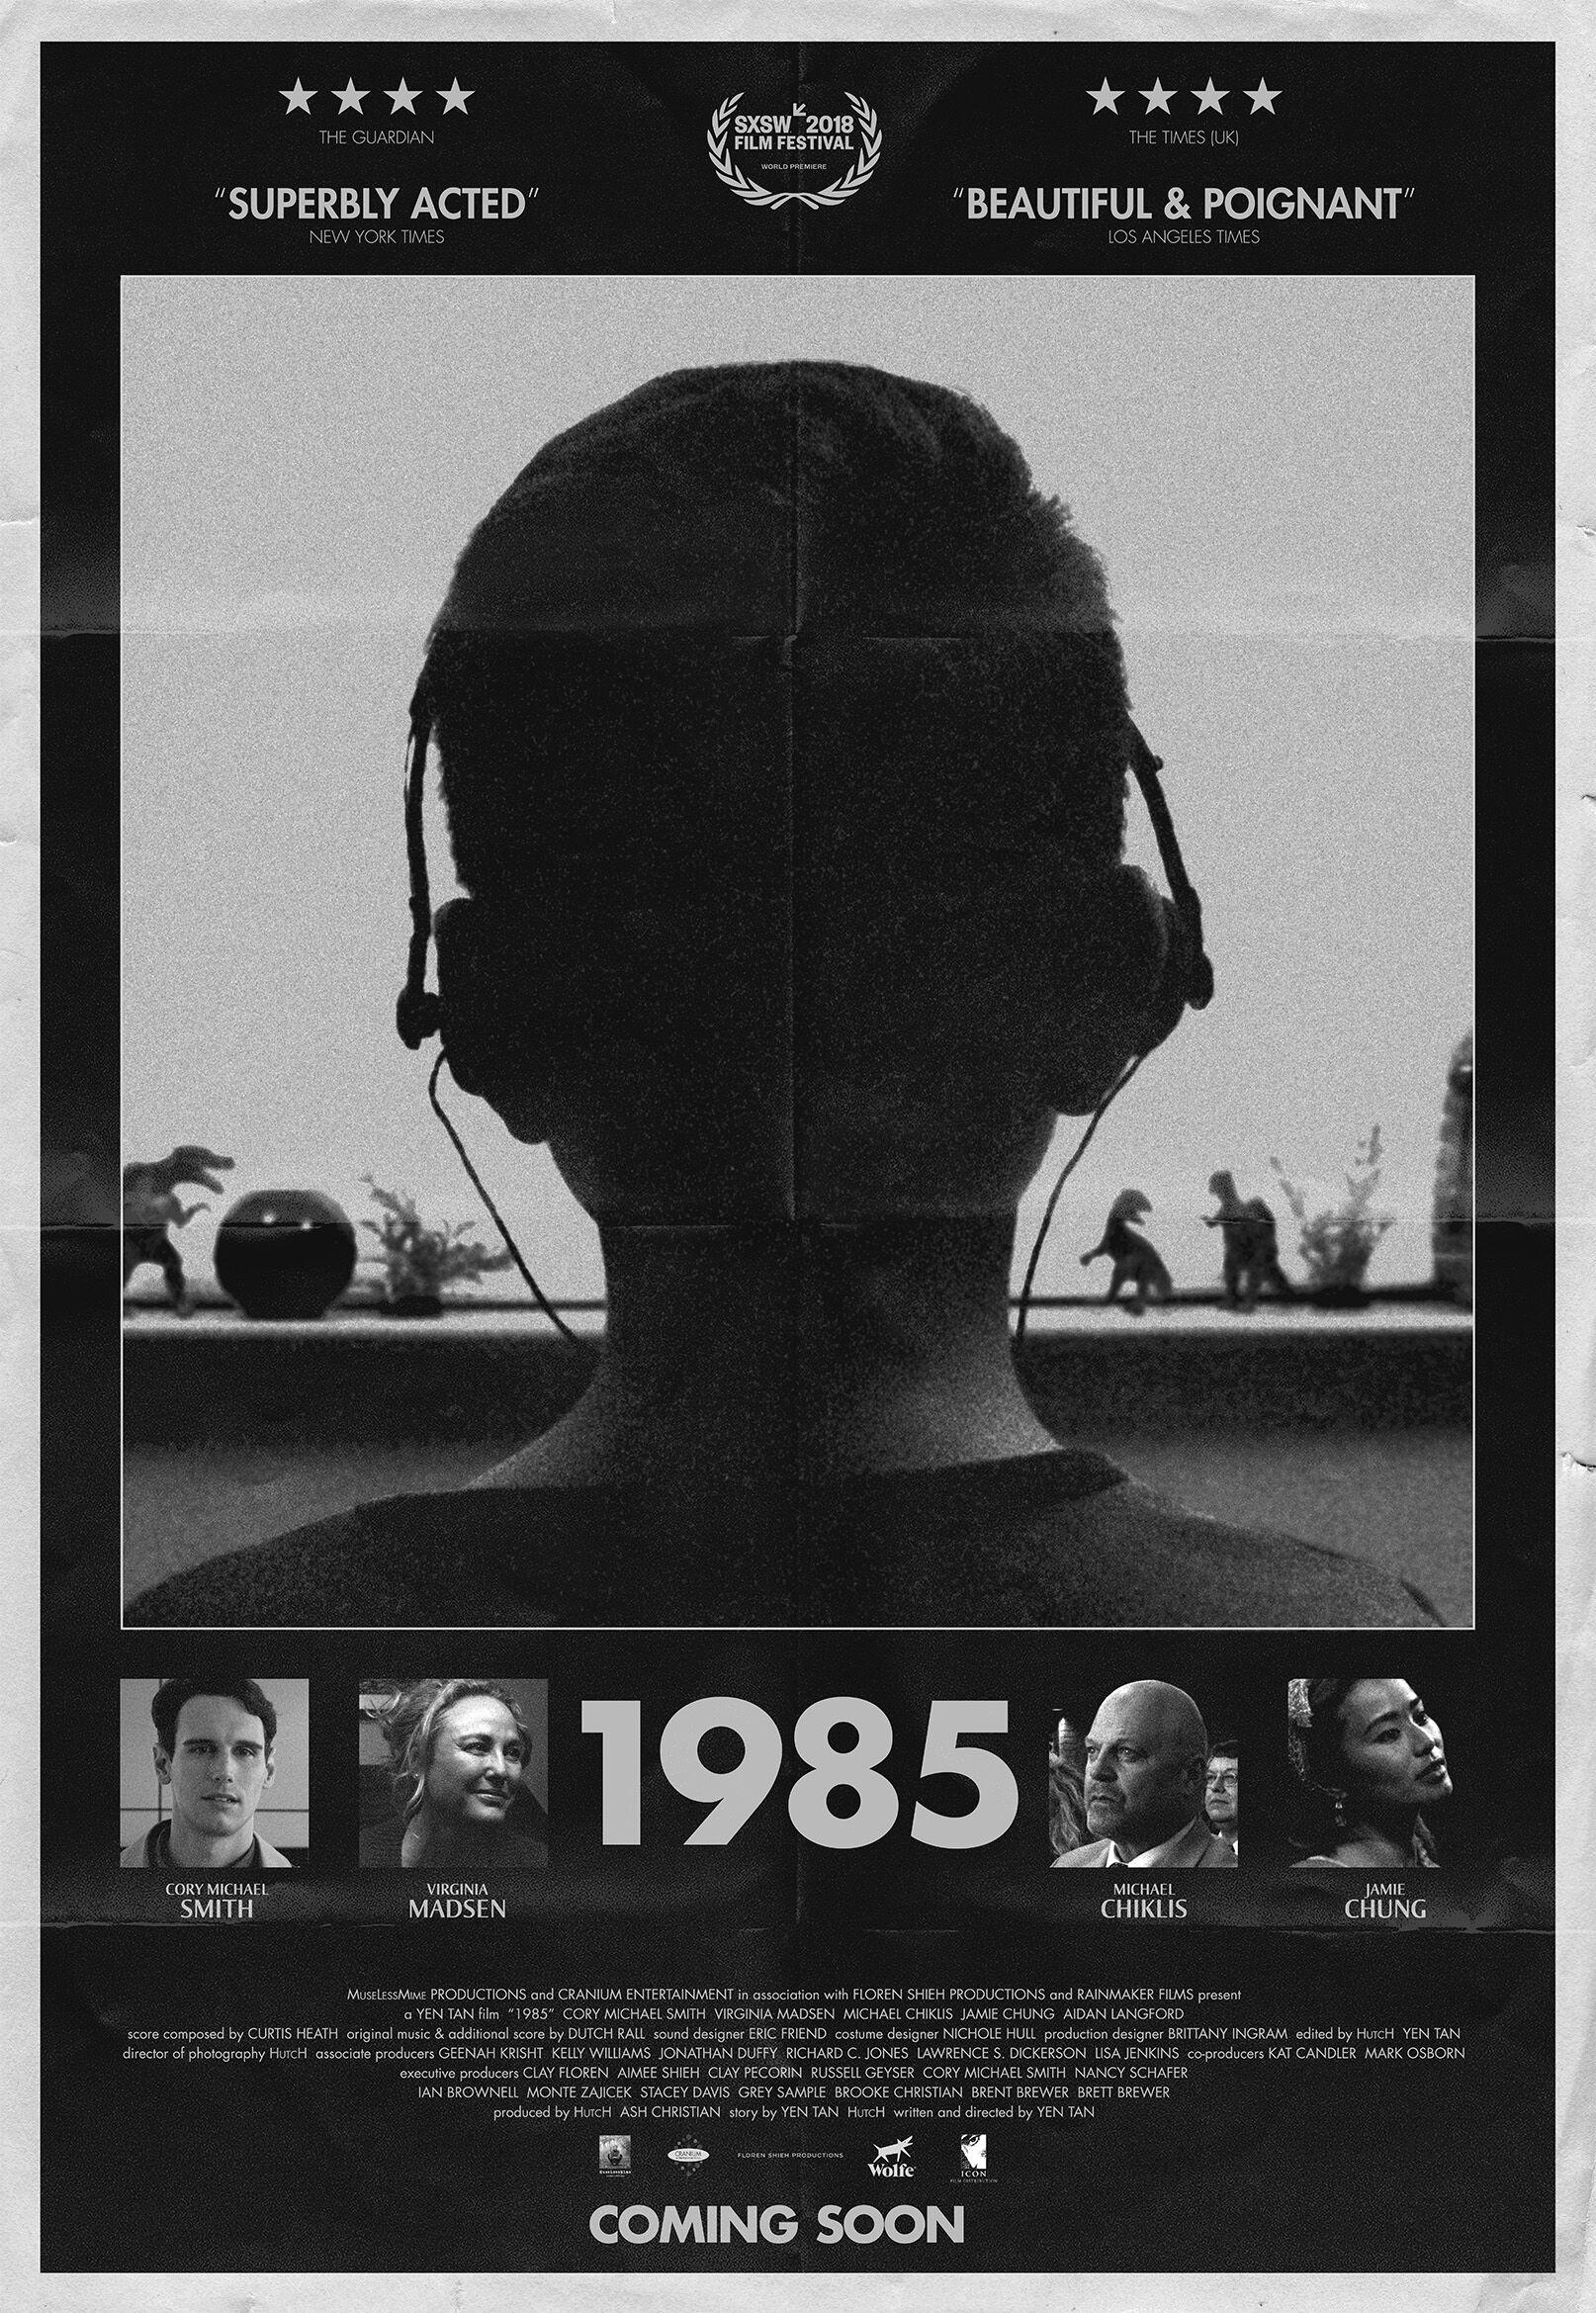 1985 Poster.jpg